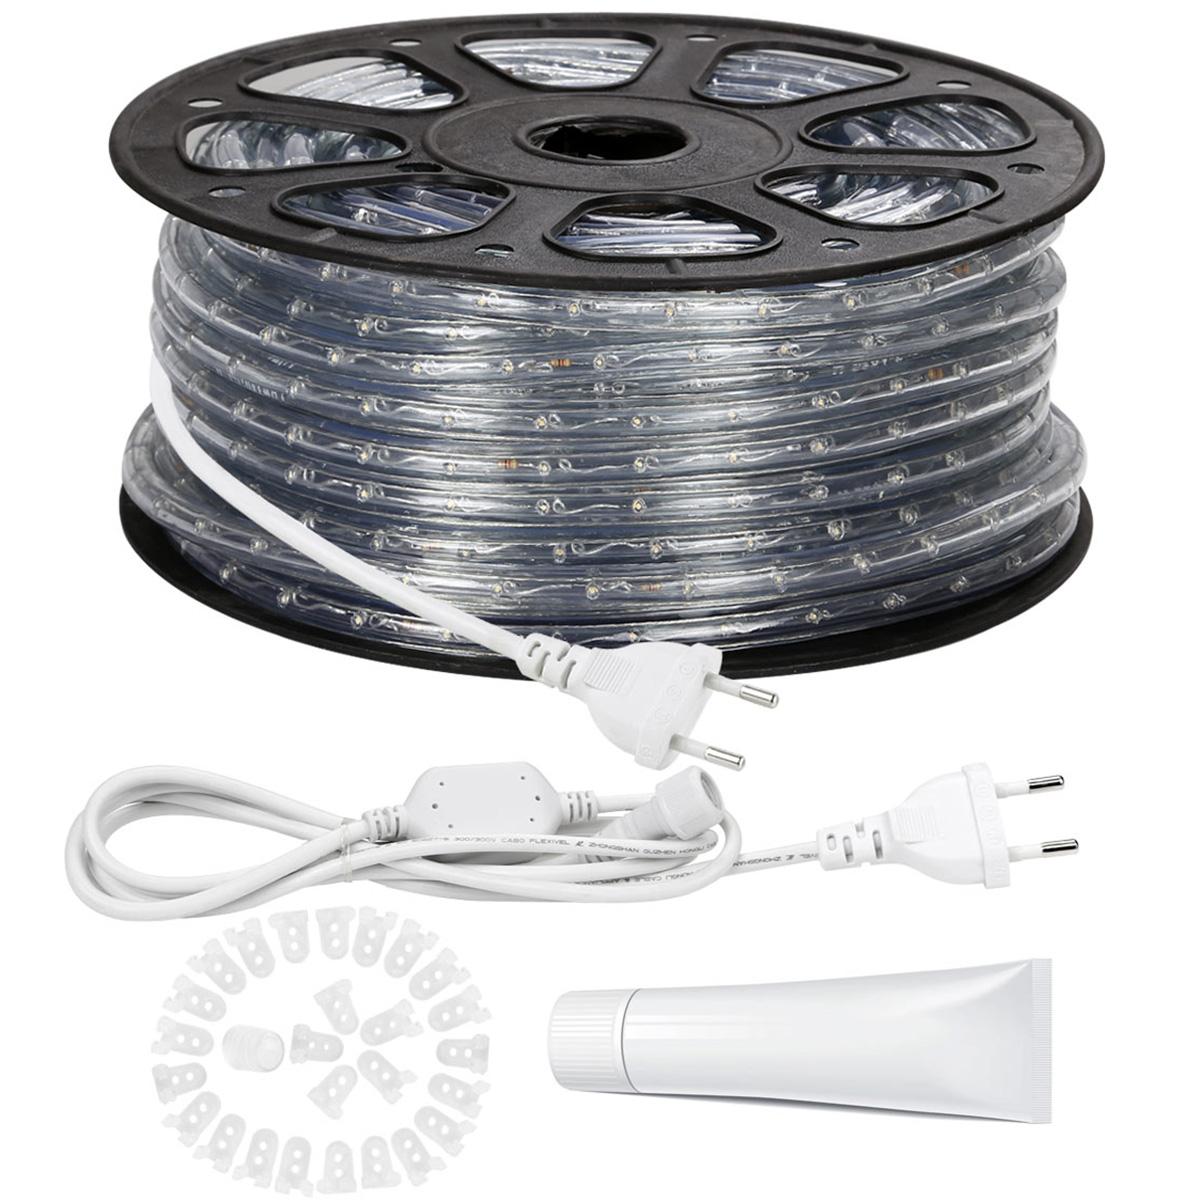 230V LED Lichtschlauch Auen Warmwei Indirekte